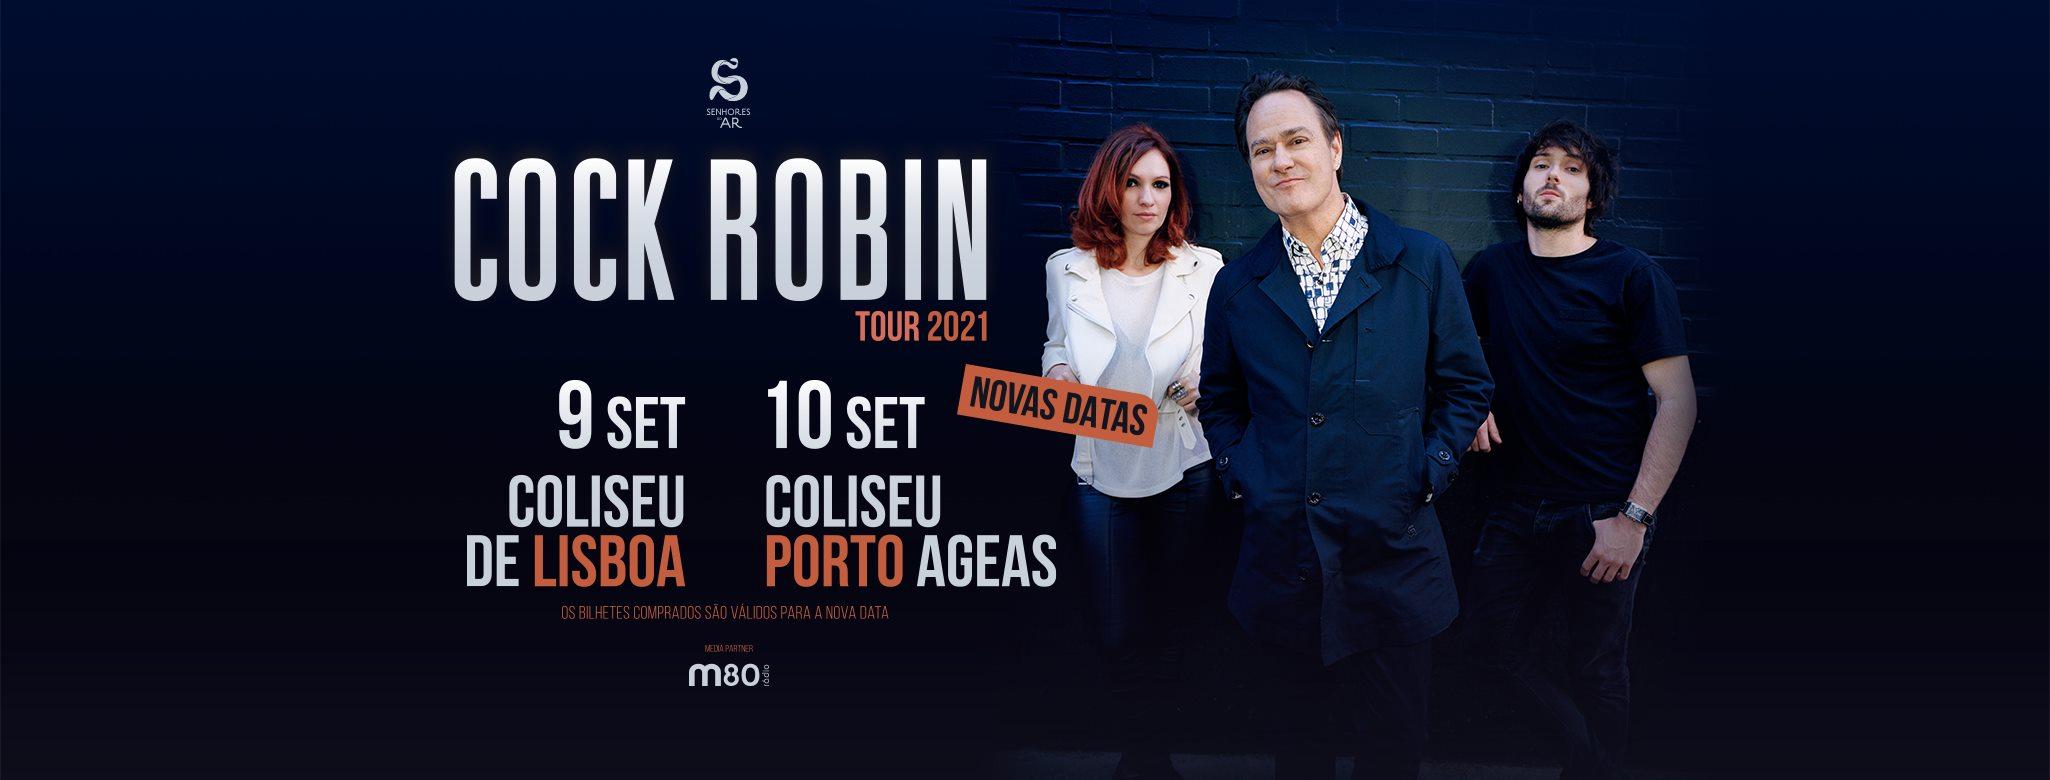 Cock Robin | Coliseu de Lisboa - 9 Setembro